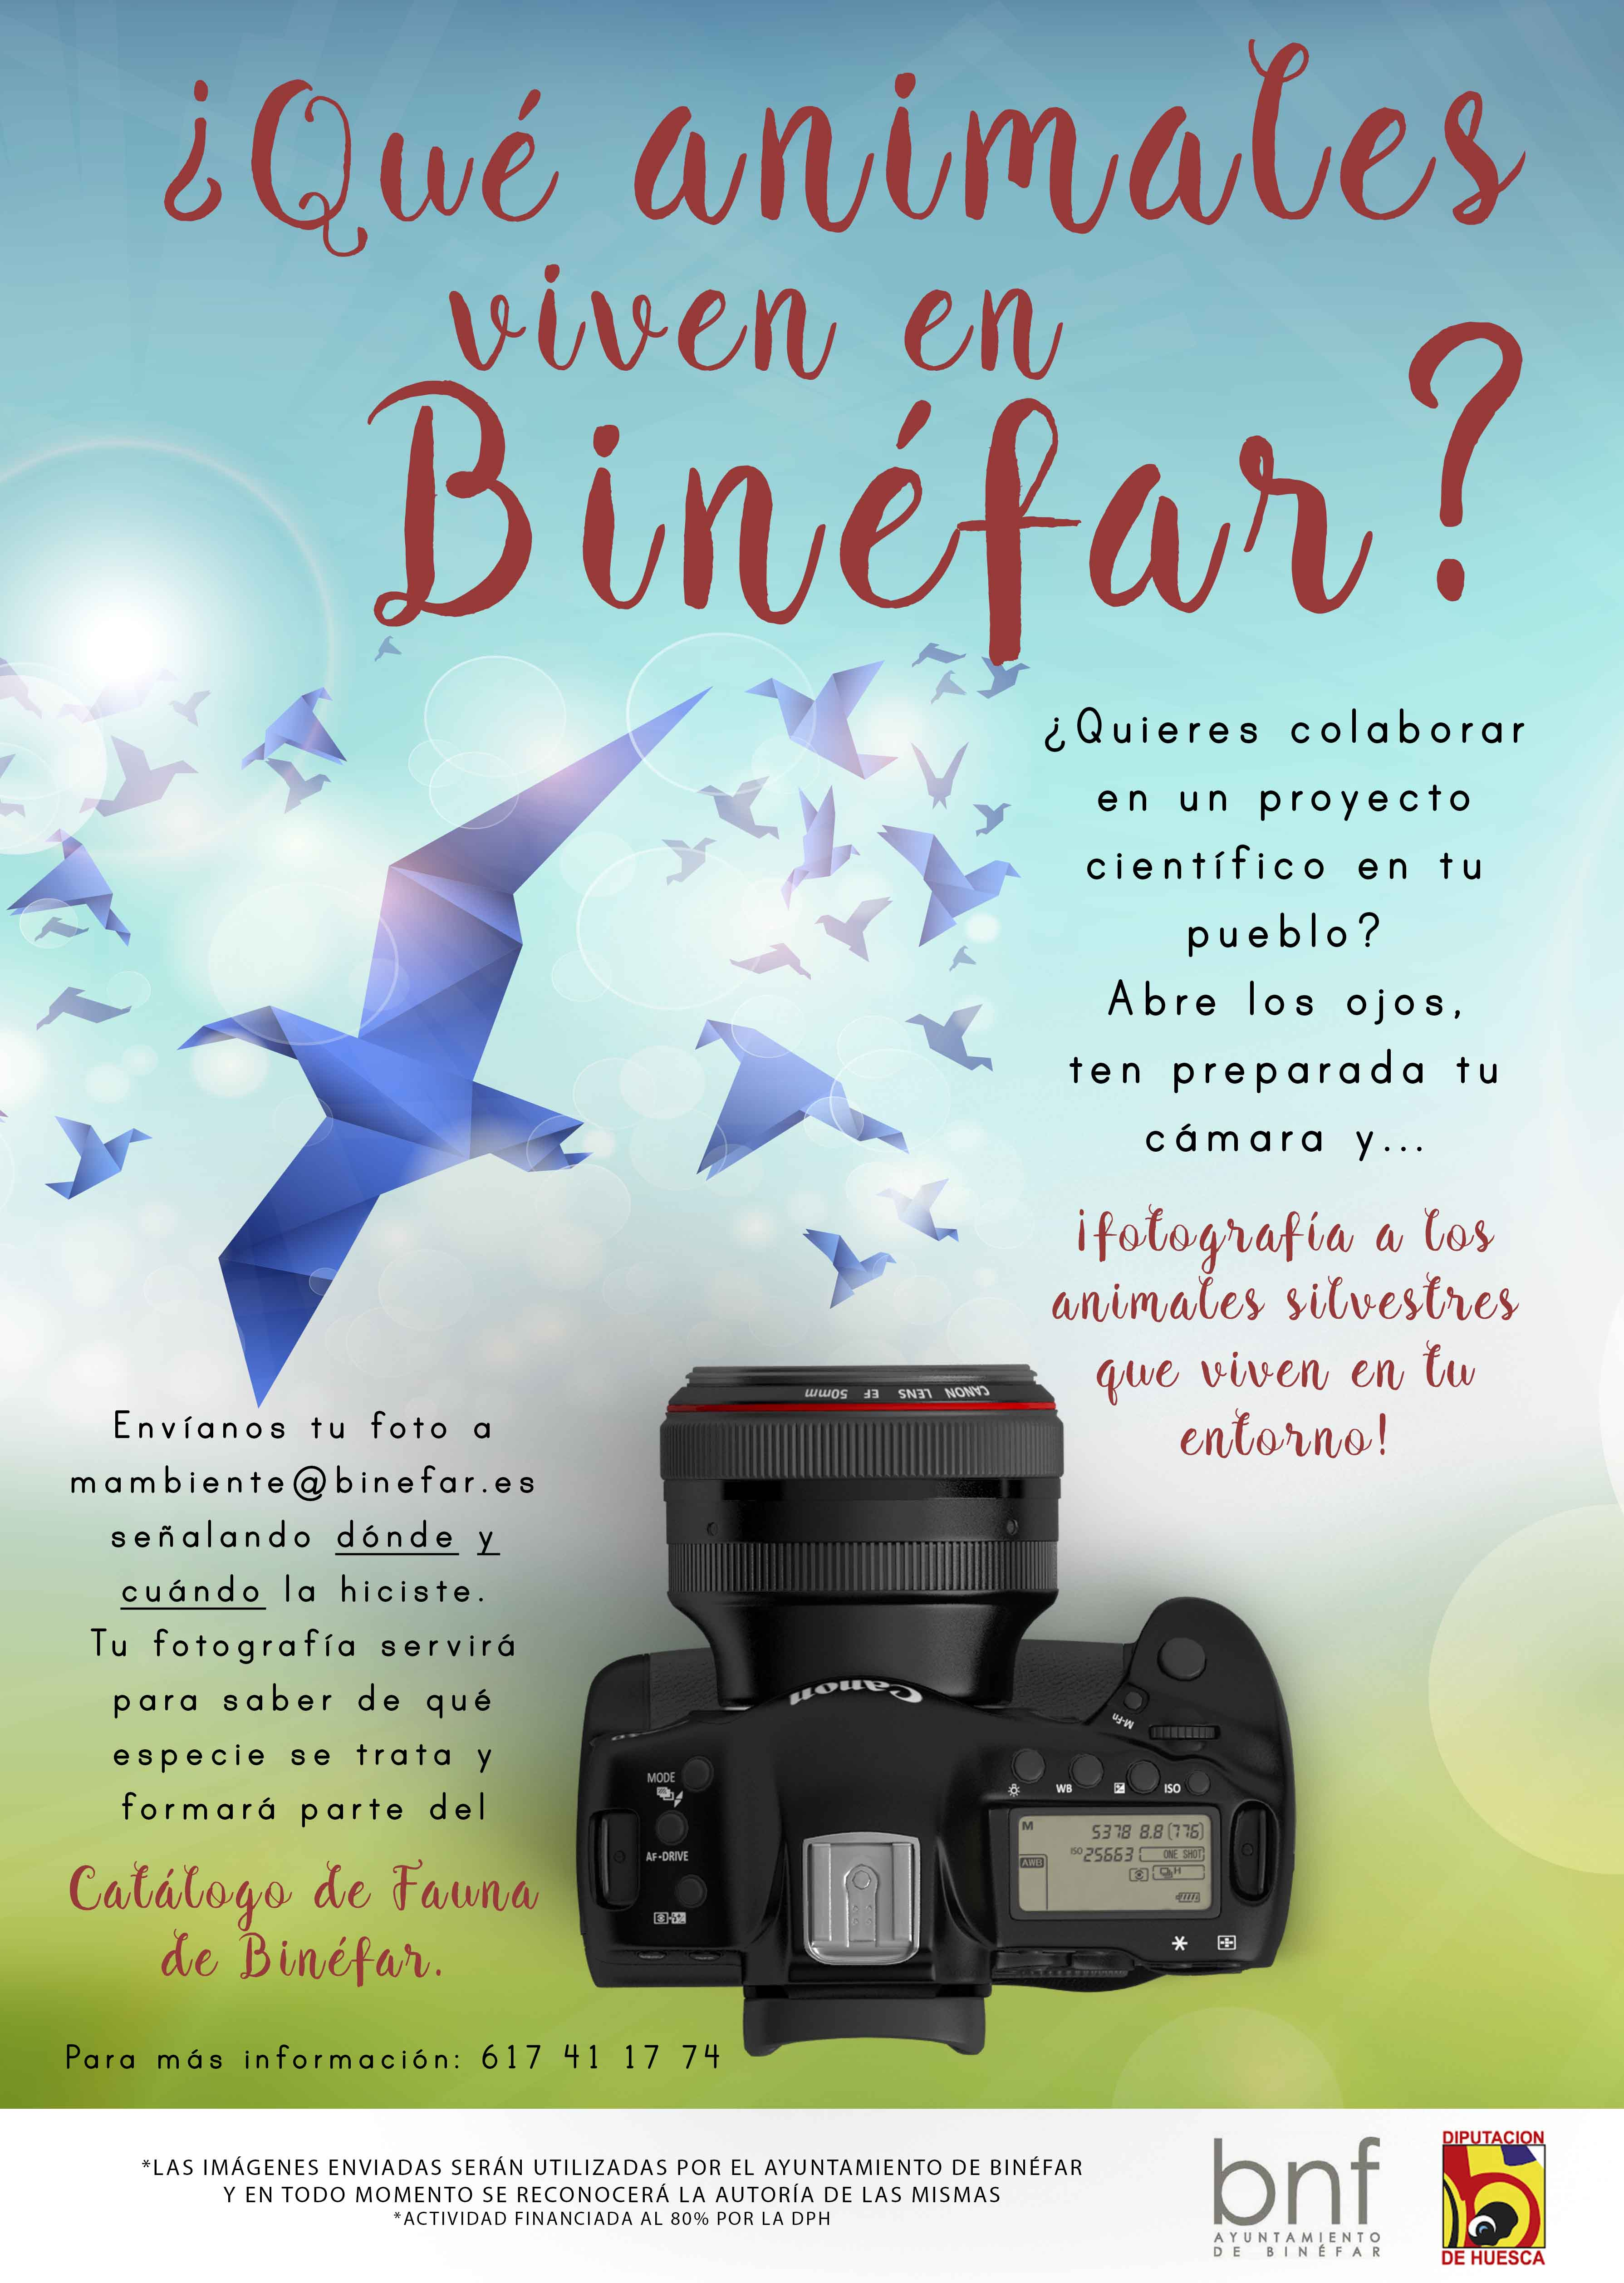 Ayuda en la elaboración de un catálogo de fauna de Binéfar